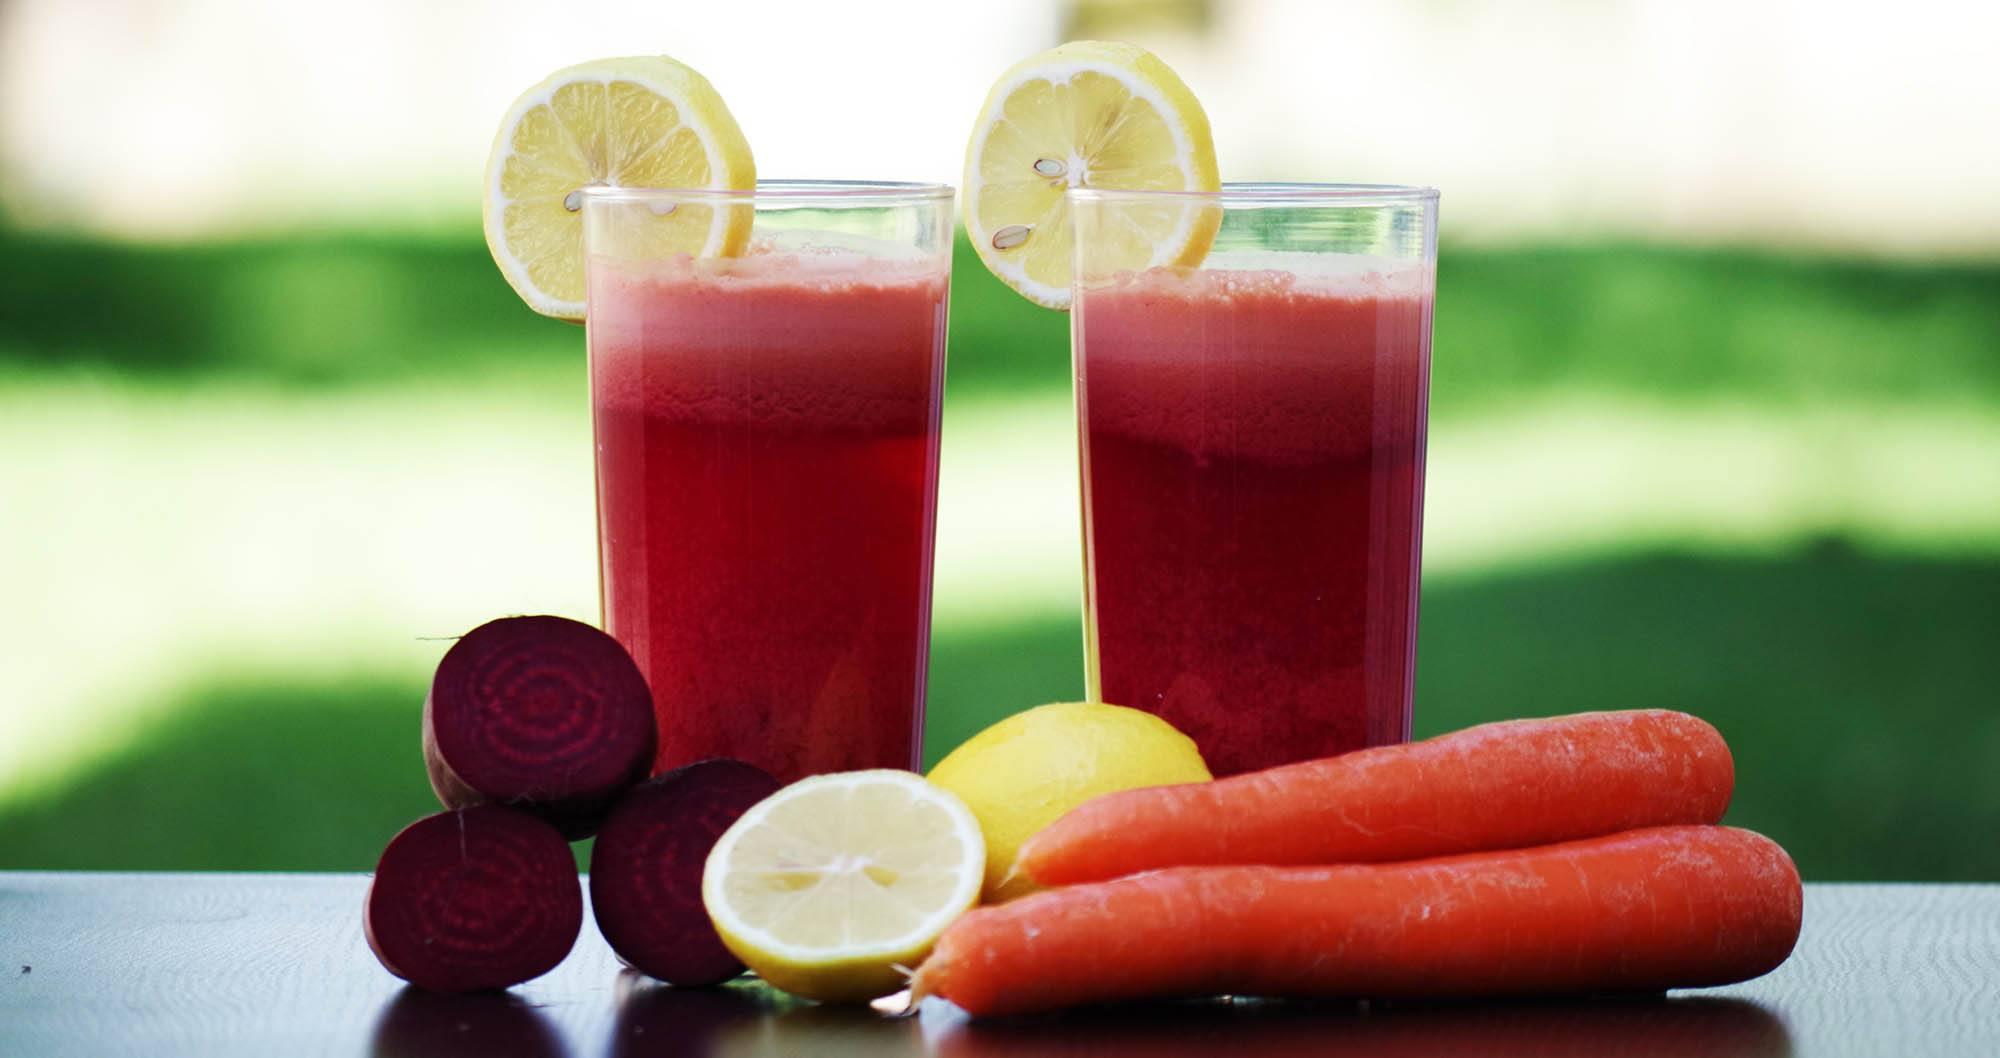 Zumo Vigorizante Remolacha Manzana Y Zanahoria Unisima Com La solución son los zumos naturales: zumo vigorizante remolacha manzana y